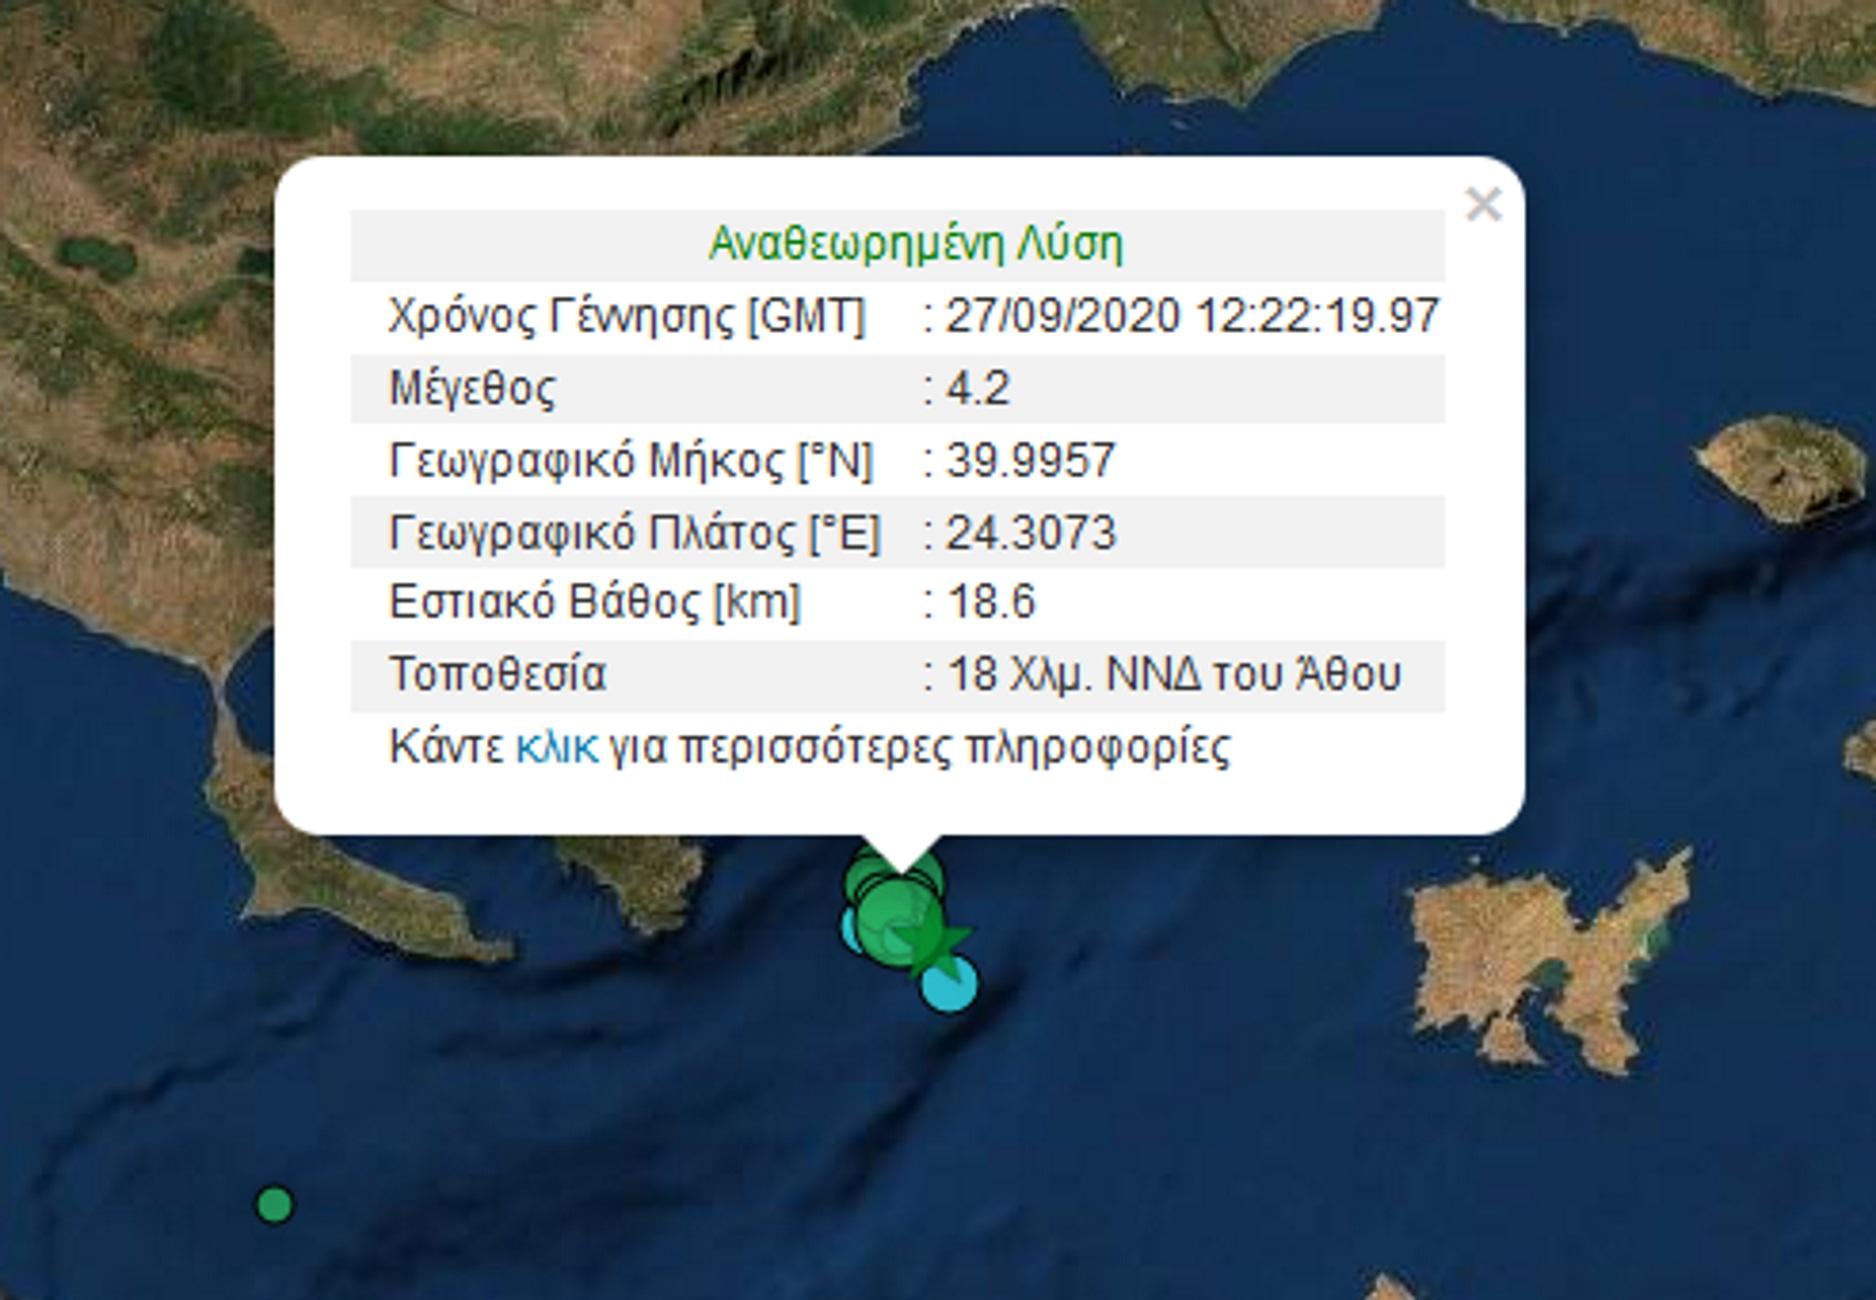 Σεισμός 4,2 Ρίχτερ αισθητός σε Χαλκιδική και Άγιος Όρος